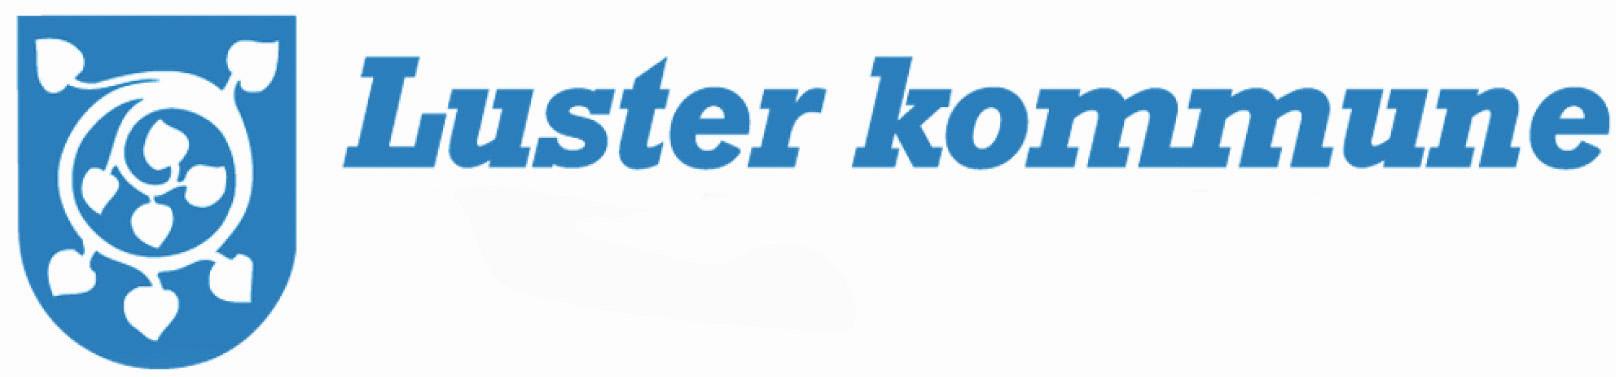 Luster kommune logo